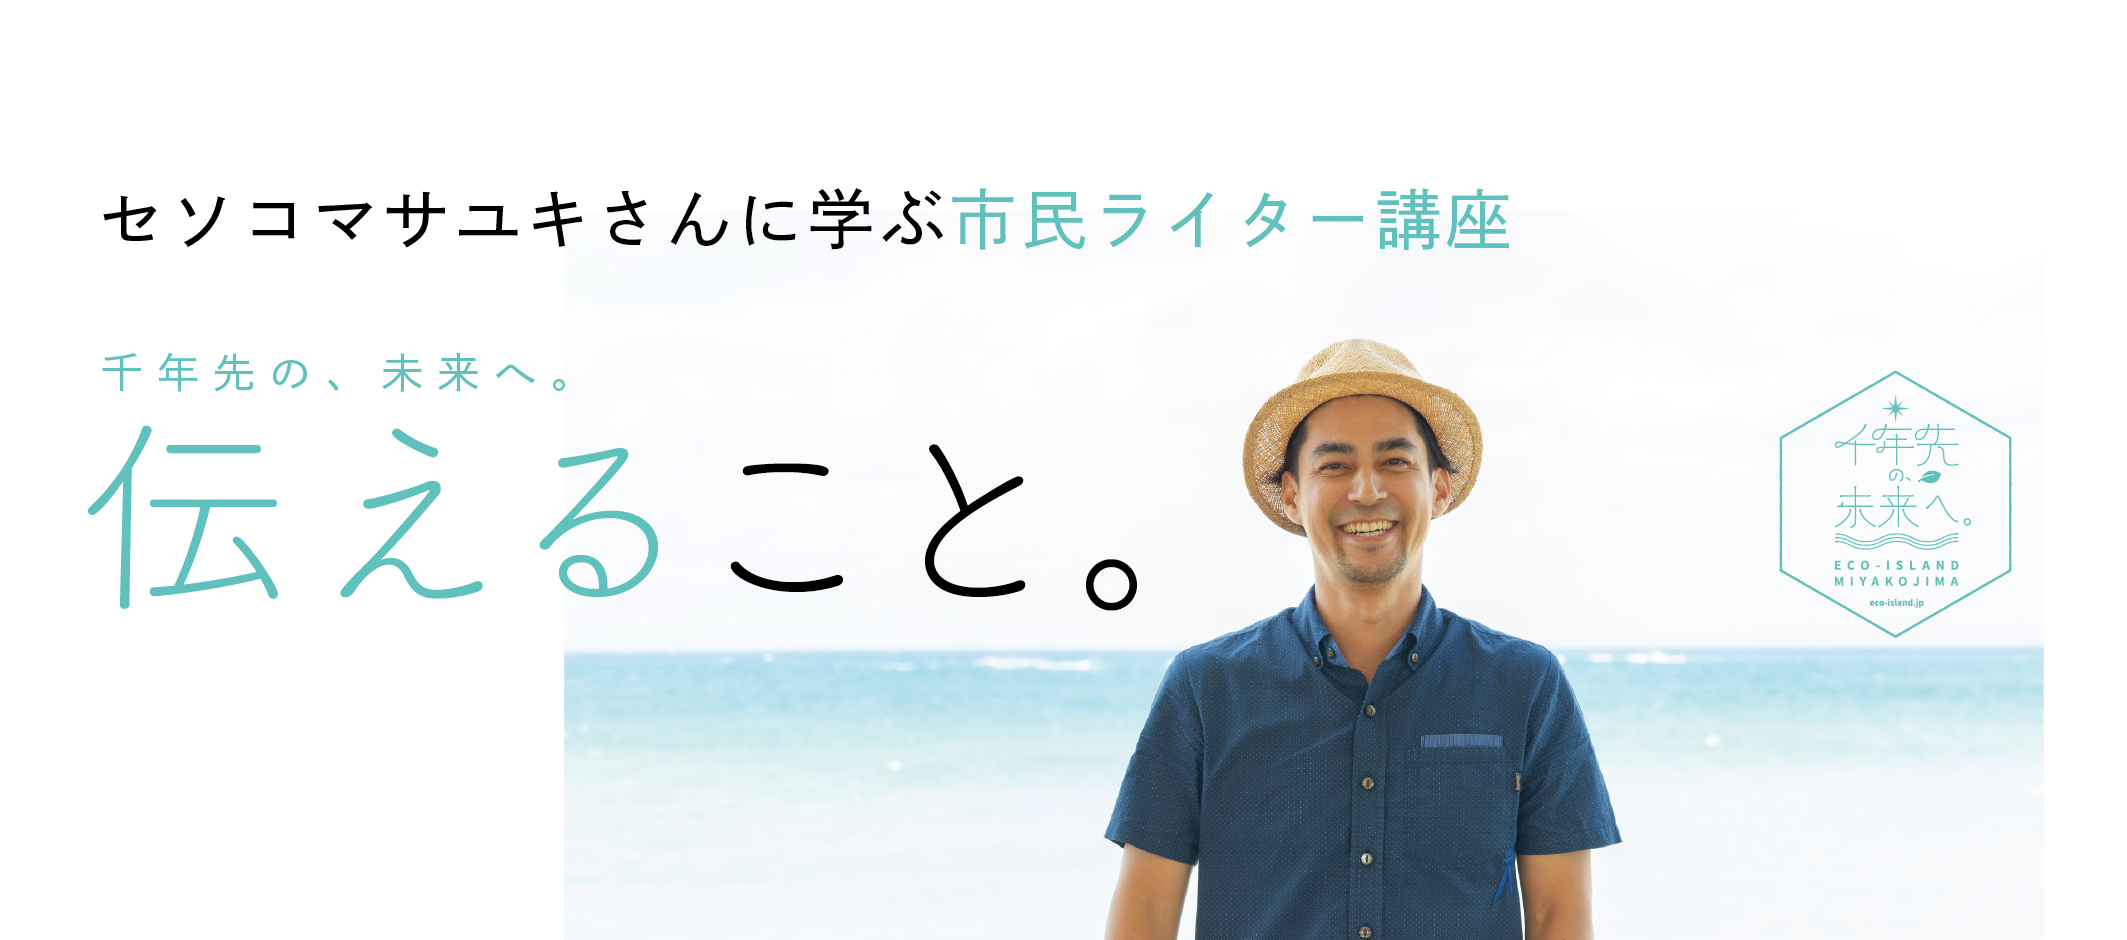 セソコマサユキさんに学ぶ市民ライター講座参加者募集!!